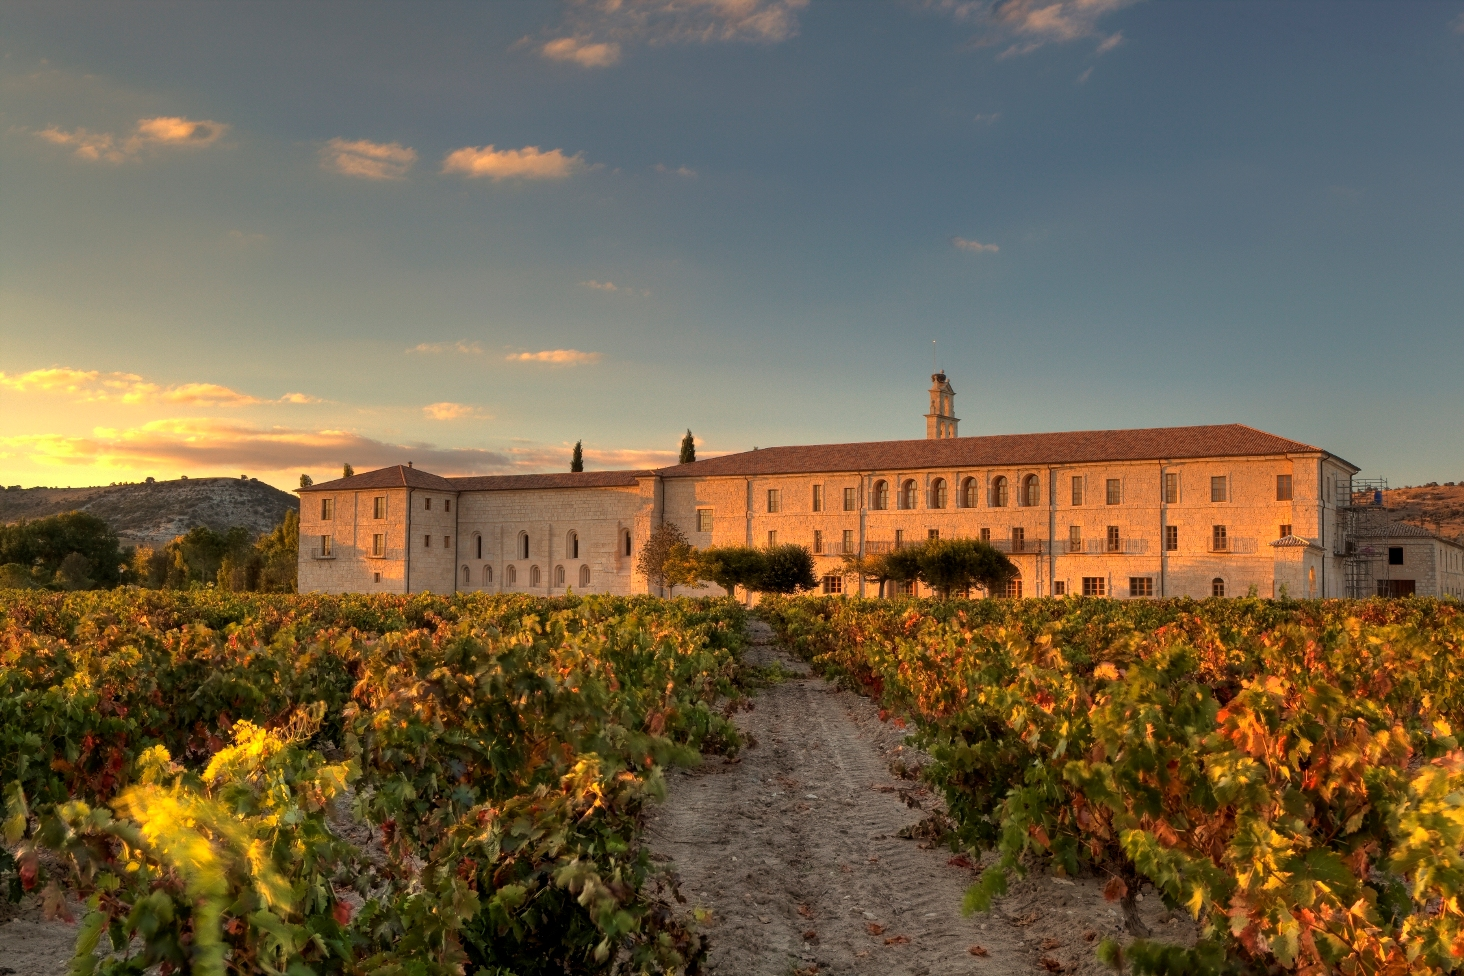 アバディア・レトゥエルタ ロバート・パーカー氏絶賛「今世紀最大の発見のひとつ」スーパースパニッシュワイン